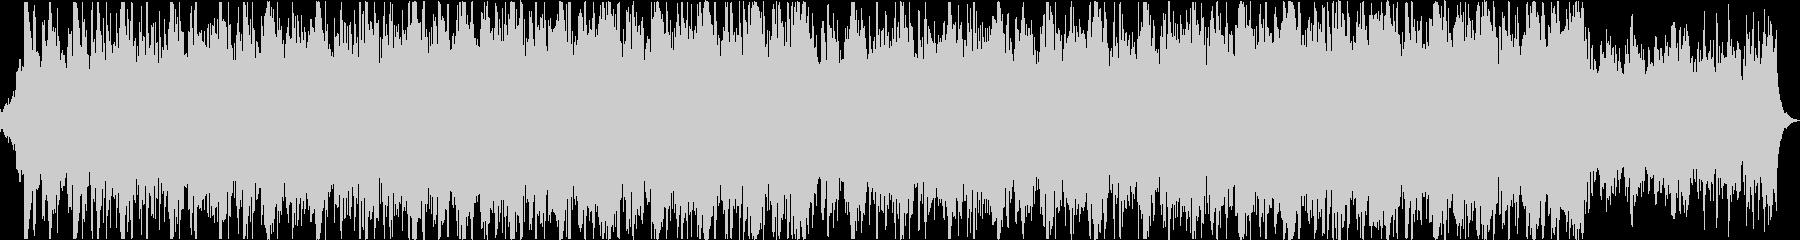 感動シネマティックエピックオーケストラbの未再生の波形